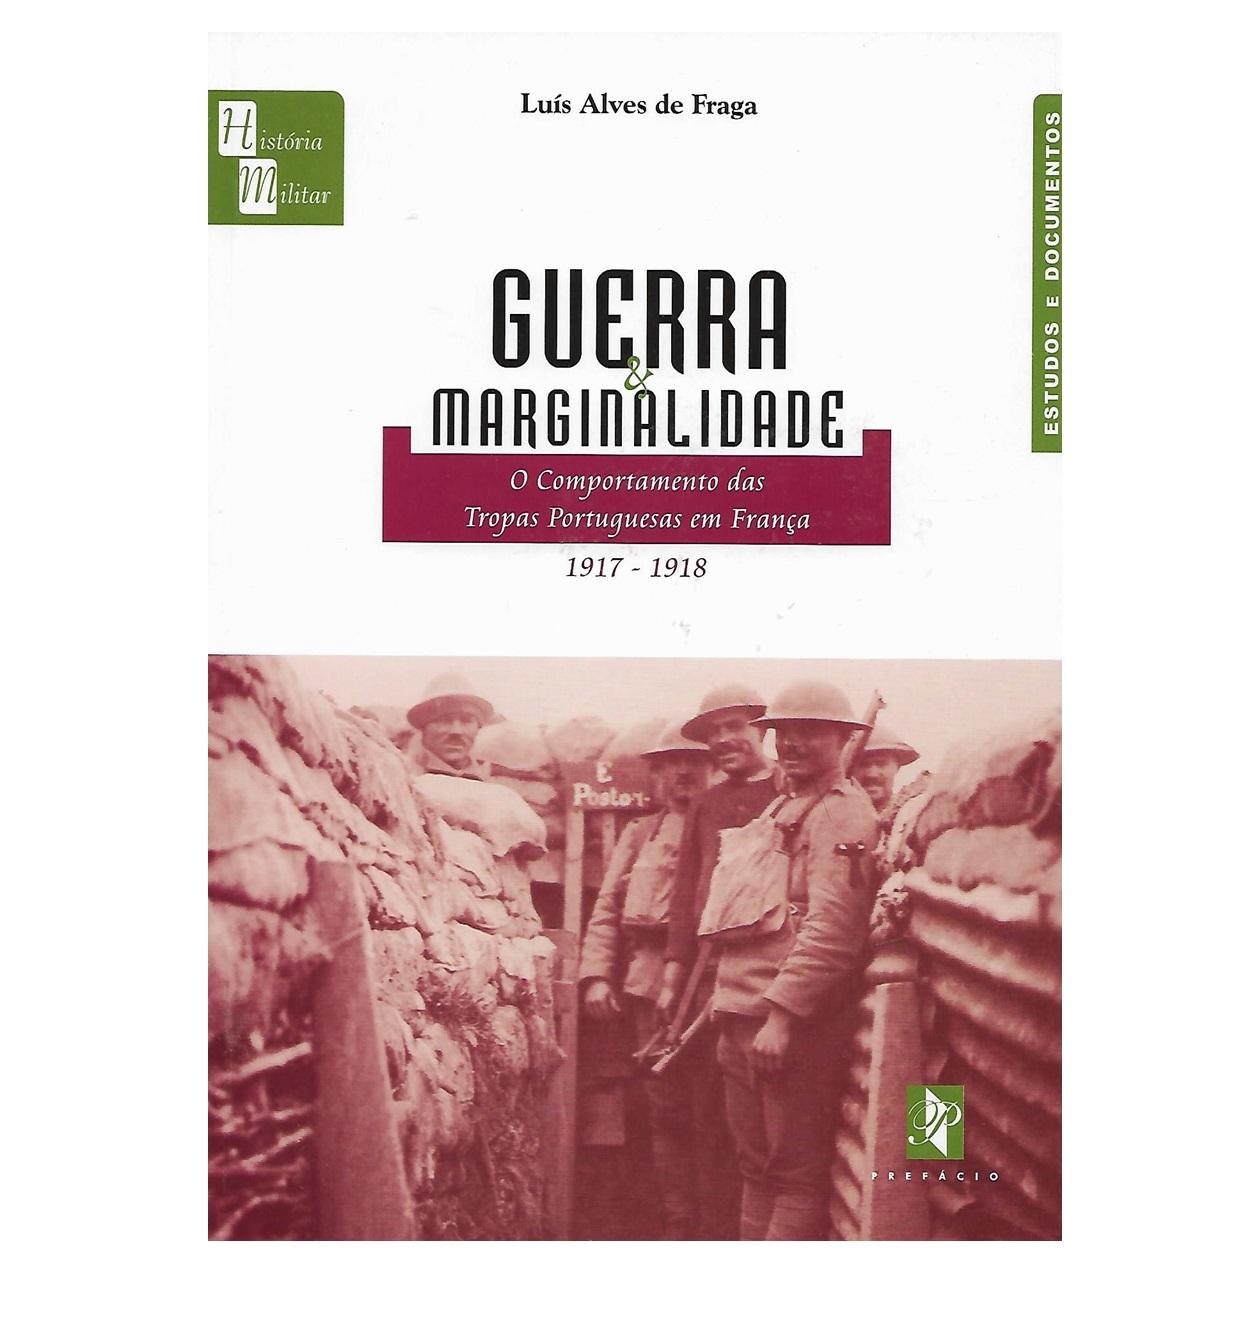 O Comportamento das Tropas Portuguesas em França. 1917-1918